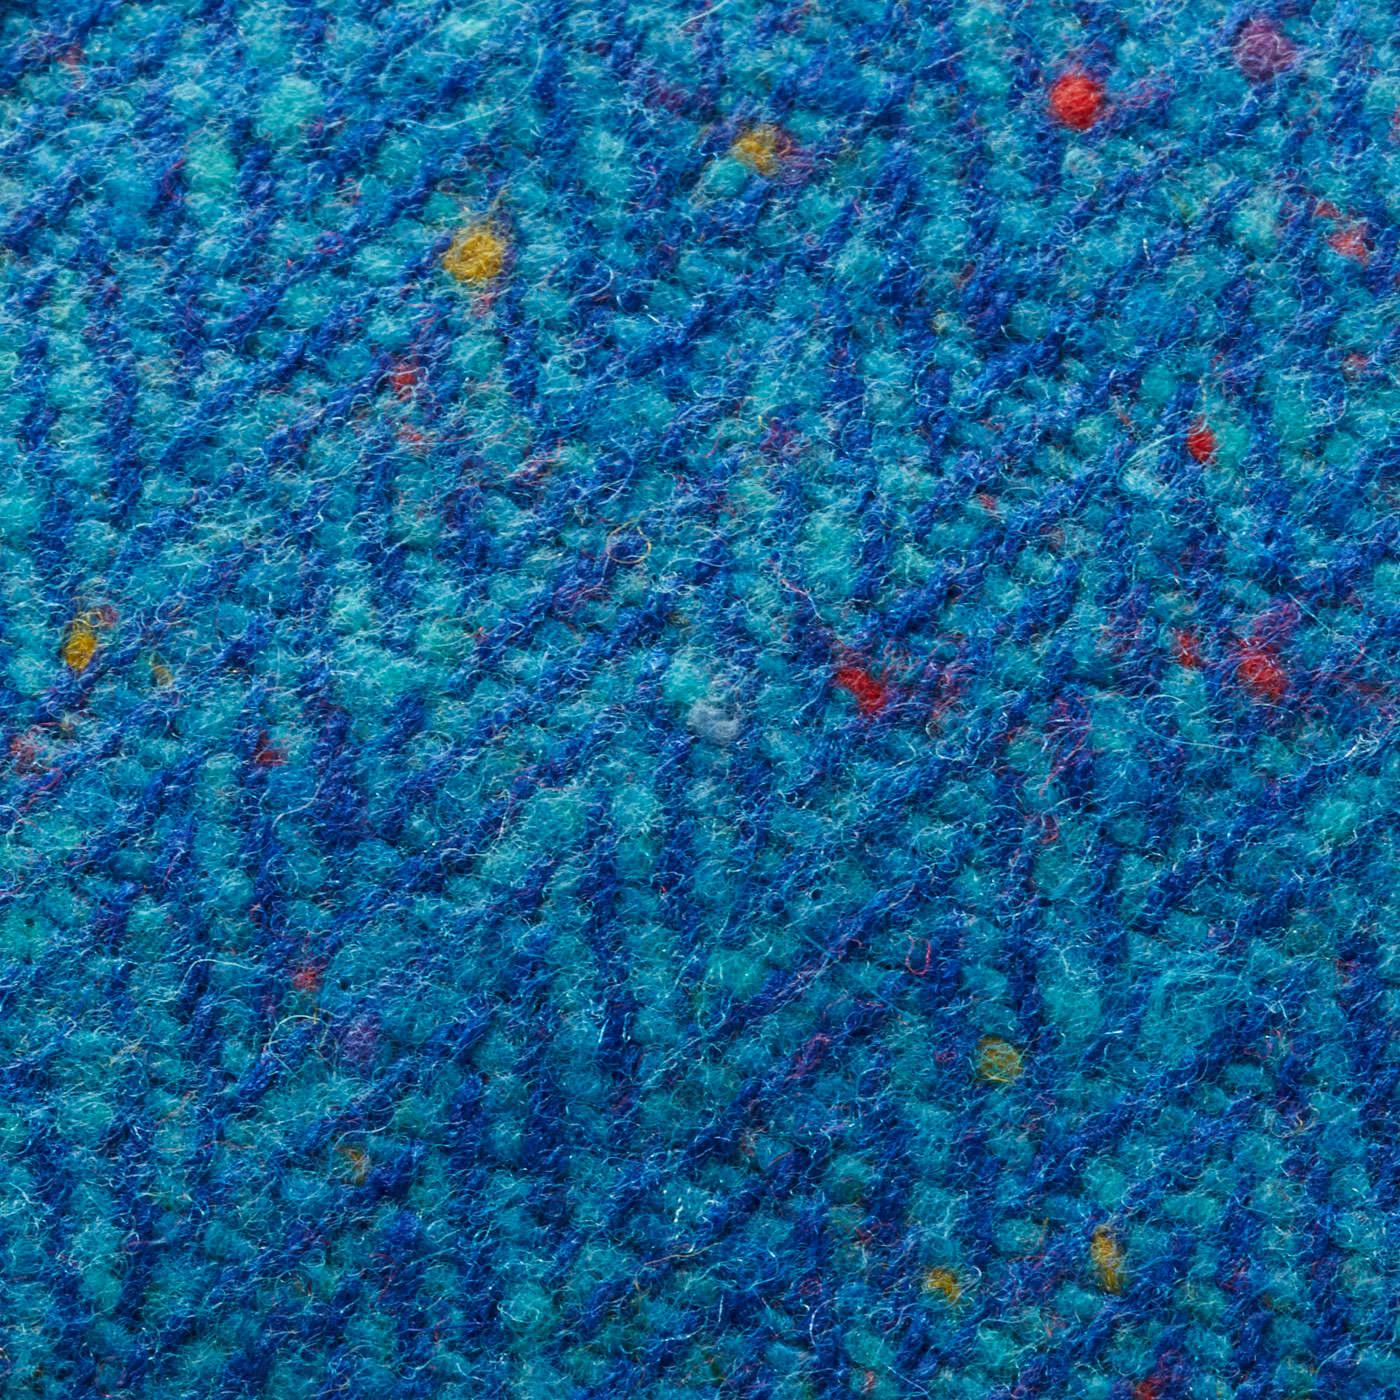 ヘリンボーン模様と、ところどころに織り込まれたカラフルな節糸が特徴